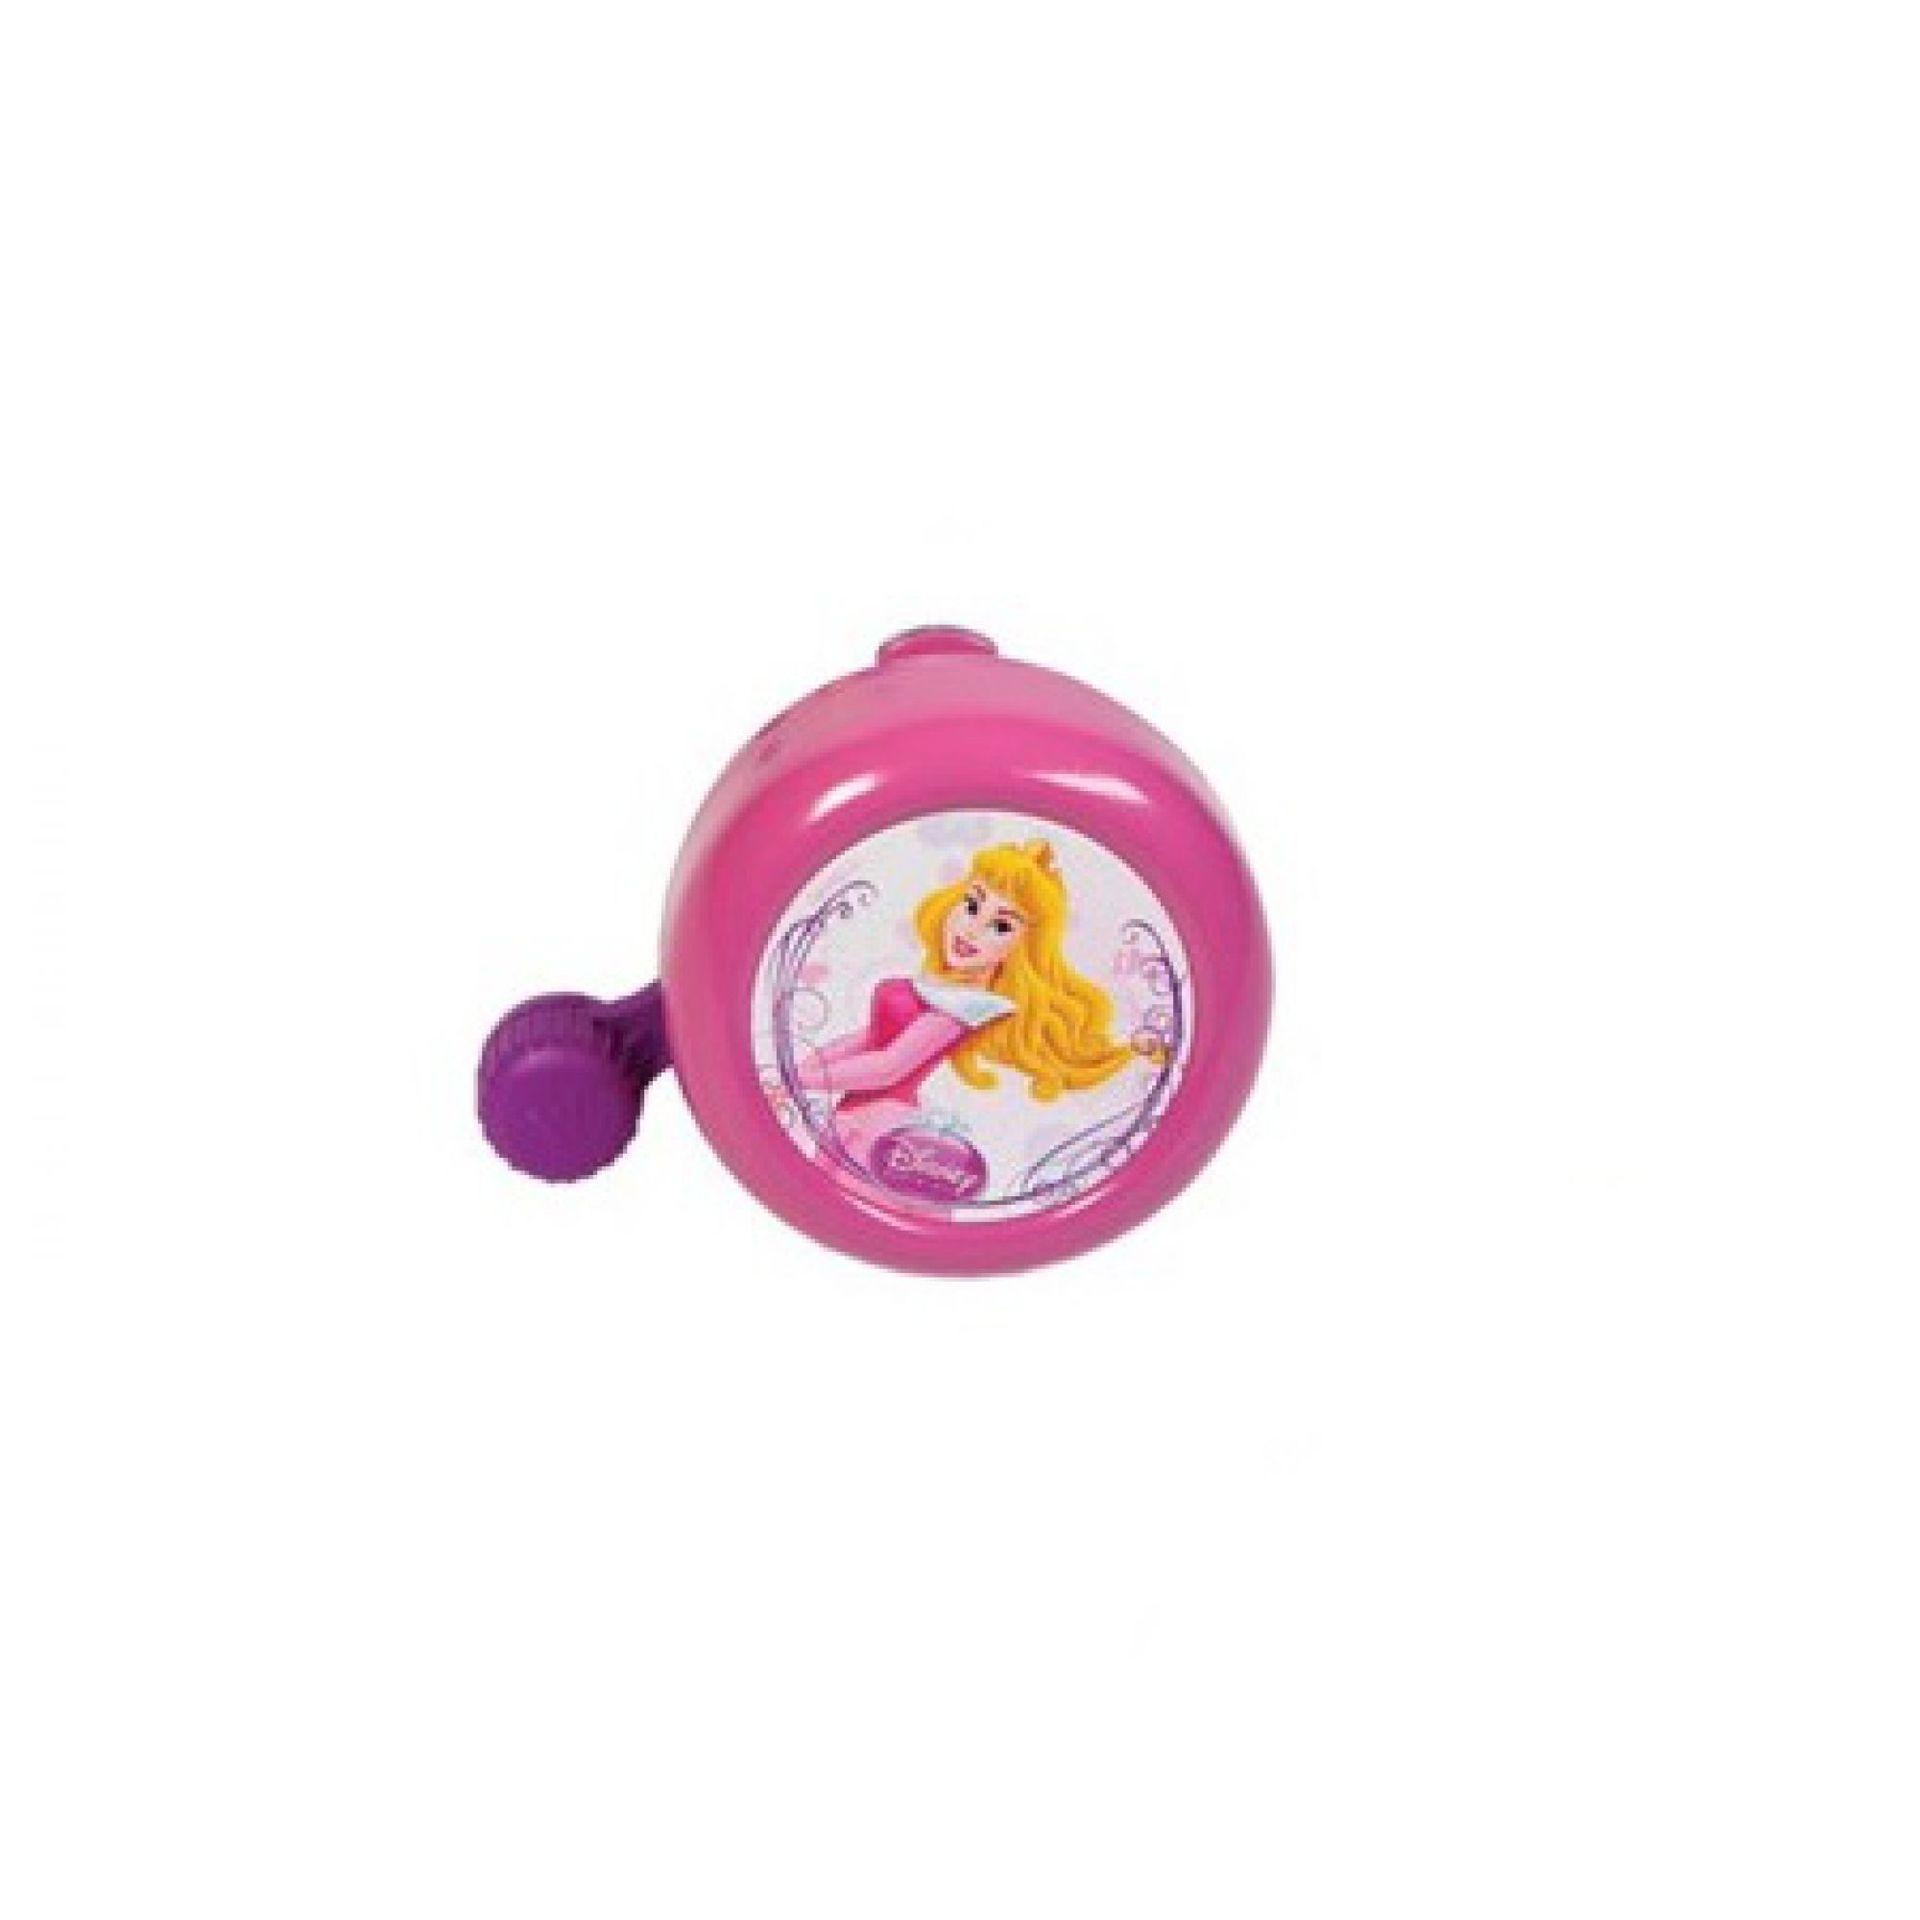 Dzwonek Widek Princess Dream różowy